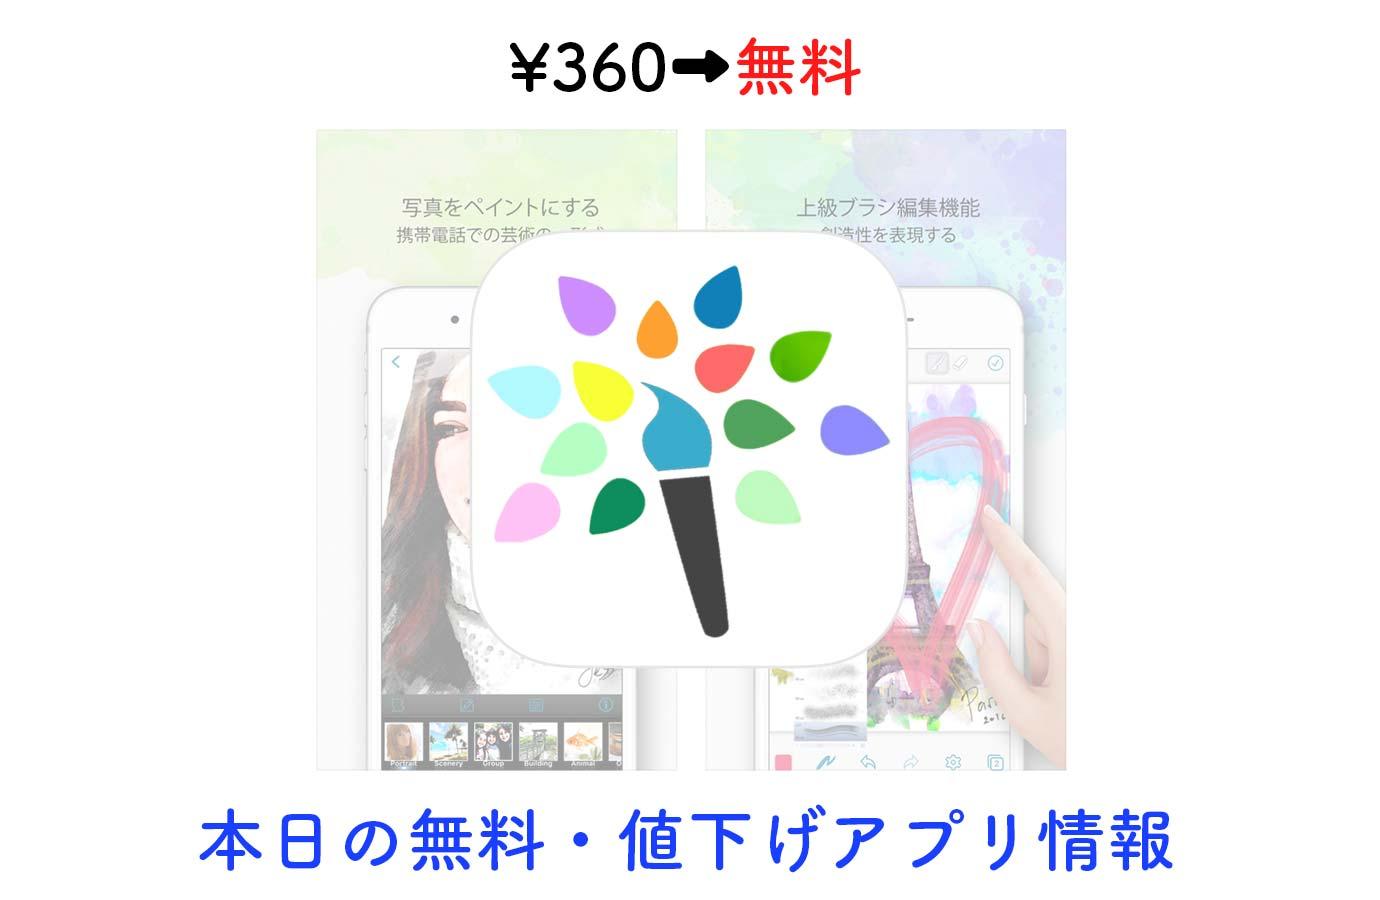 ¥360→無料、写真を水彩画風にできる加工アプリ「Paintkeep」など【9/24】本日の無料・値下げアプリ情報